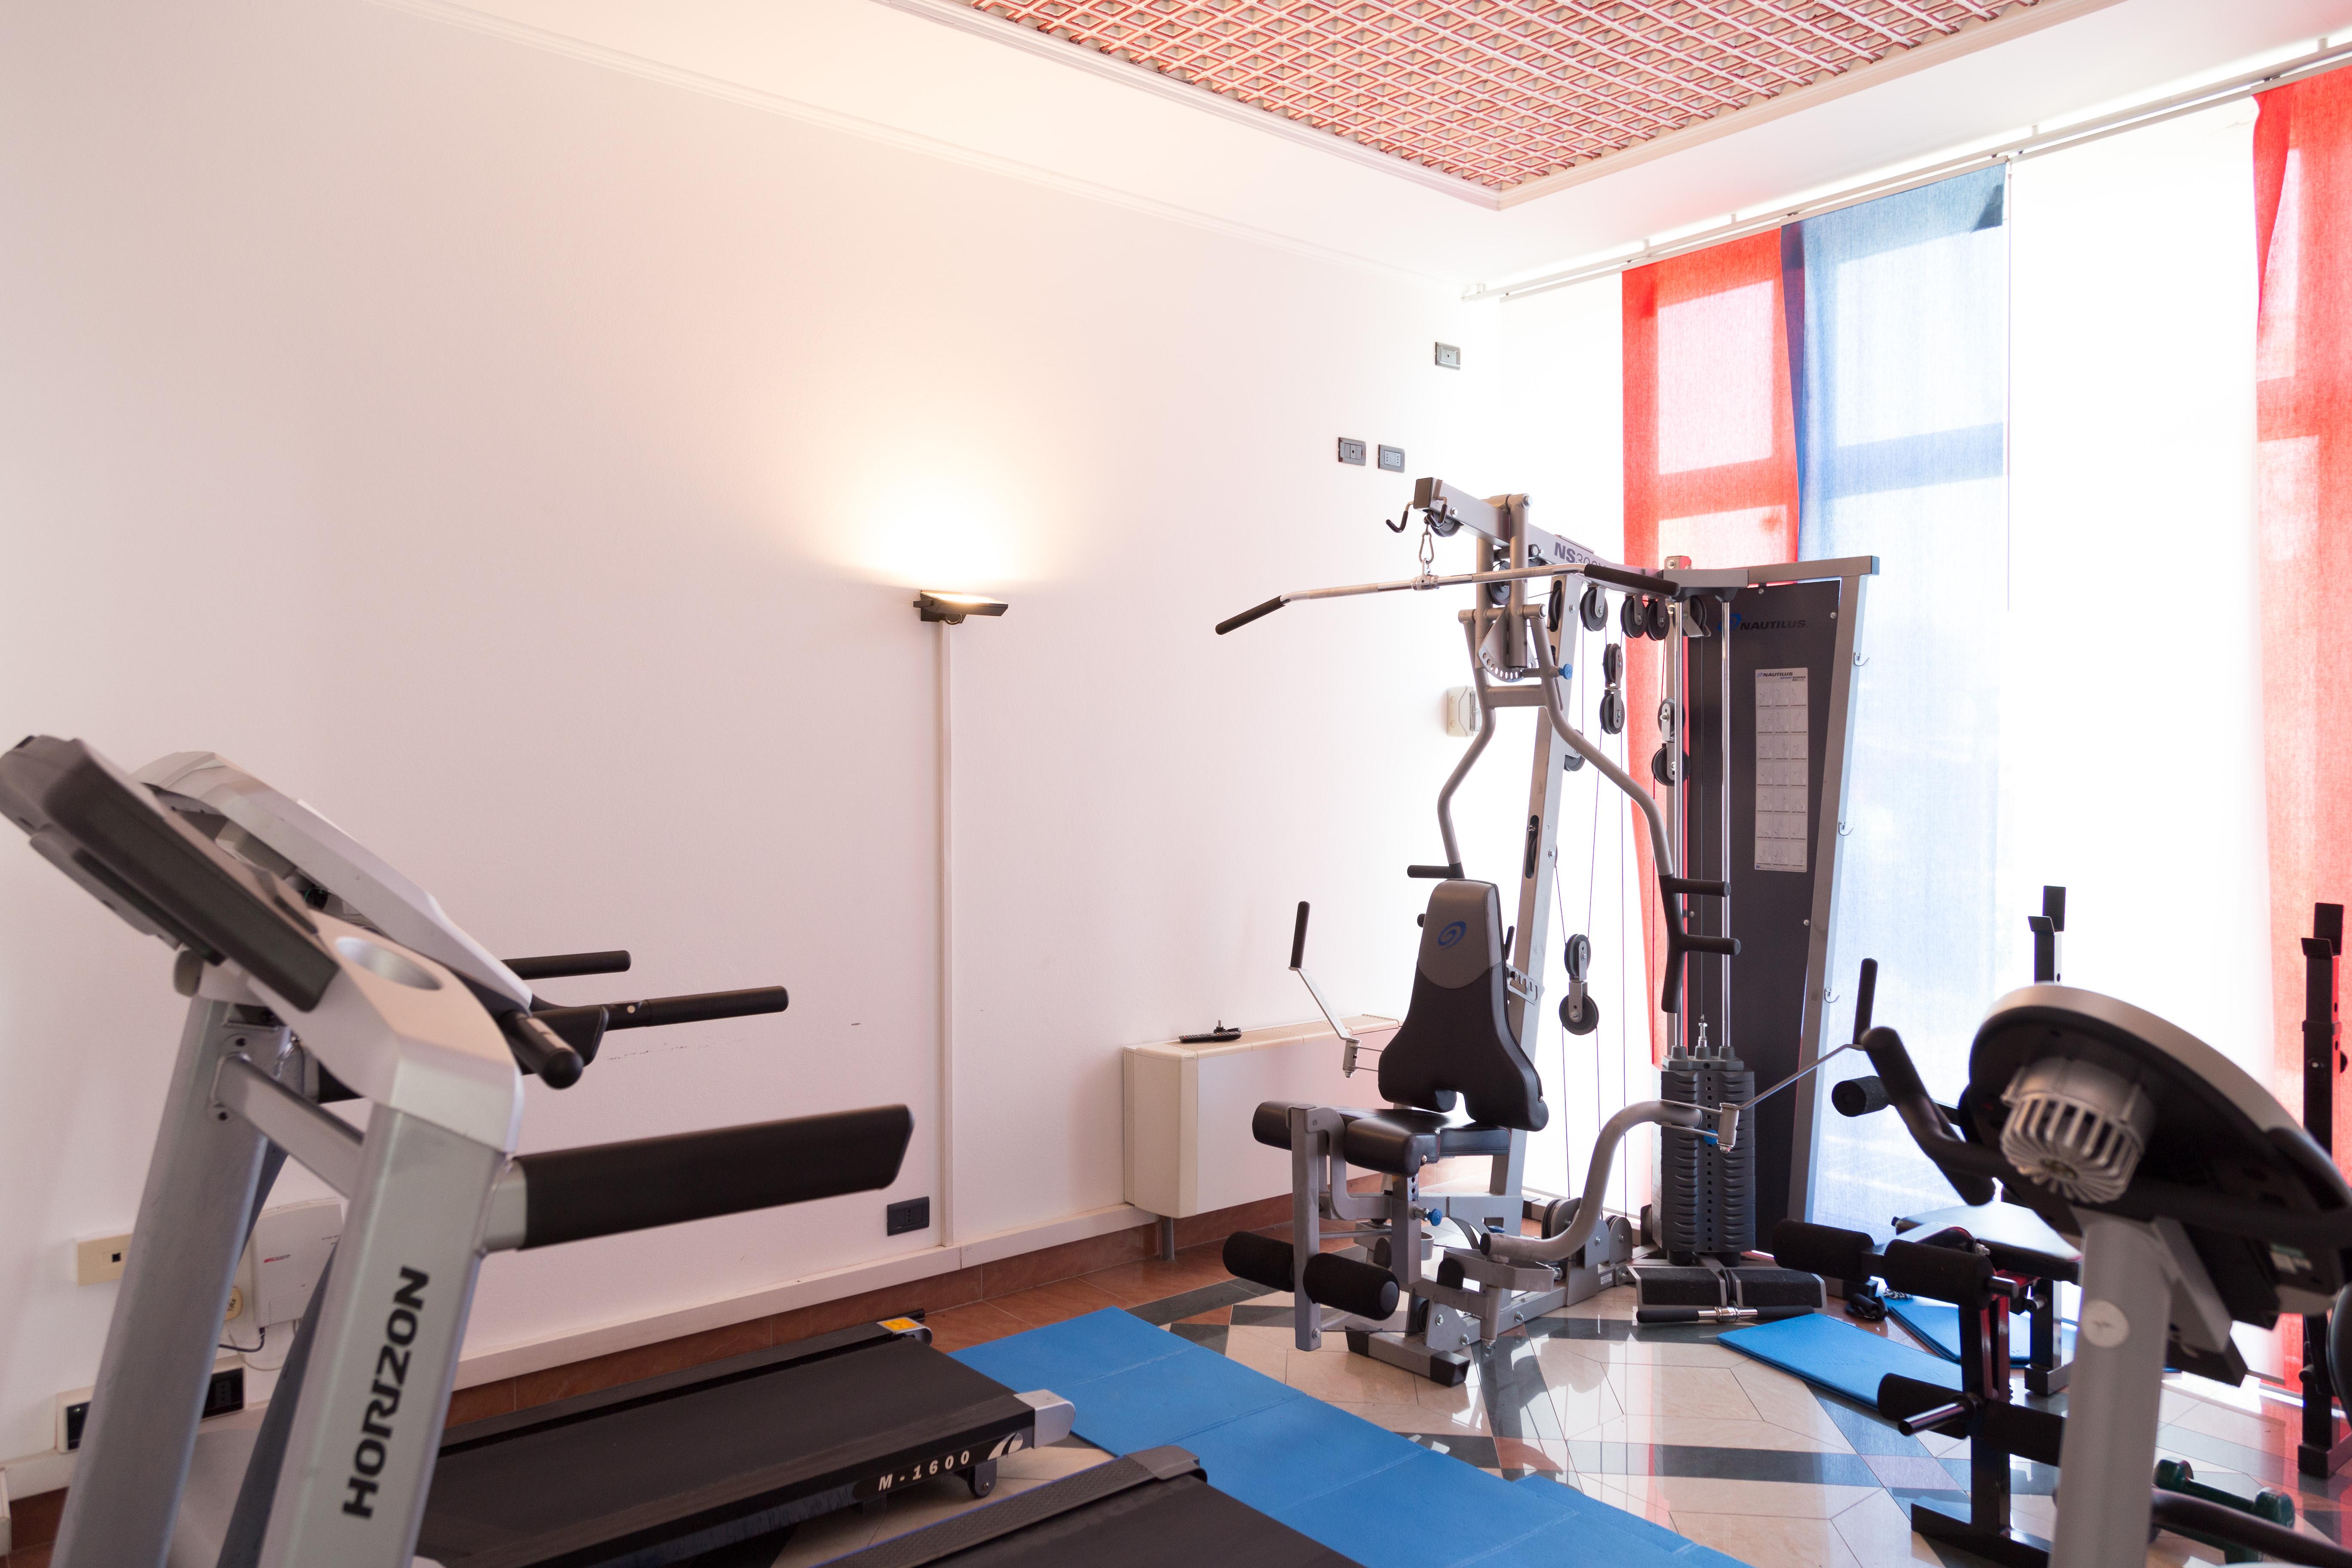 Hotel con Palestra e Fitness Center a Parma per un vero Relax.. Hotel Campus